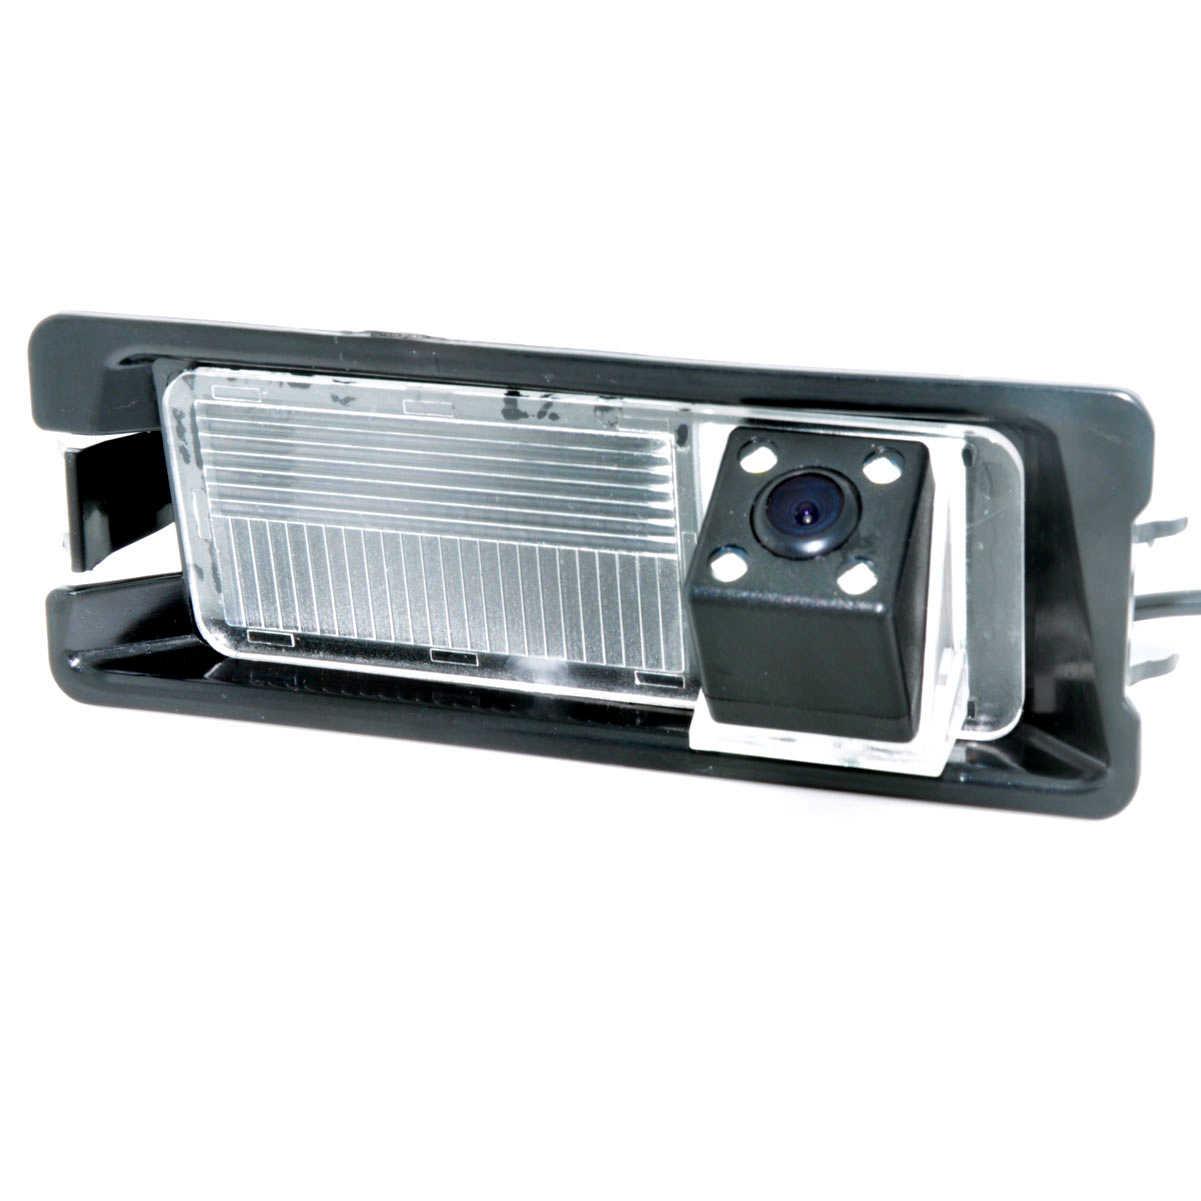 CCD CCD gece 4 led özel araba dikiz dikiz ters geri görüş kamerası Nissan mart Renault Logan Renault Sandero